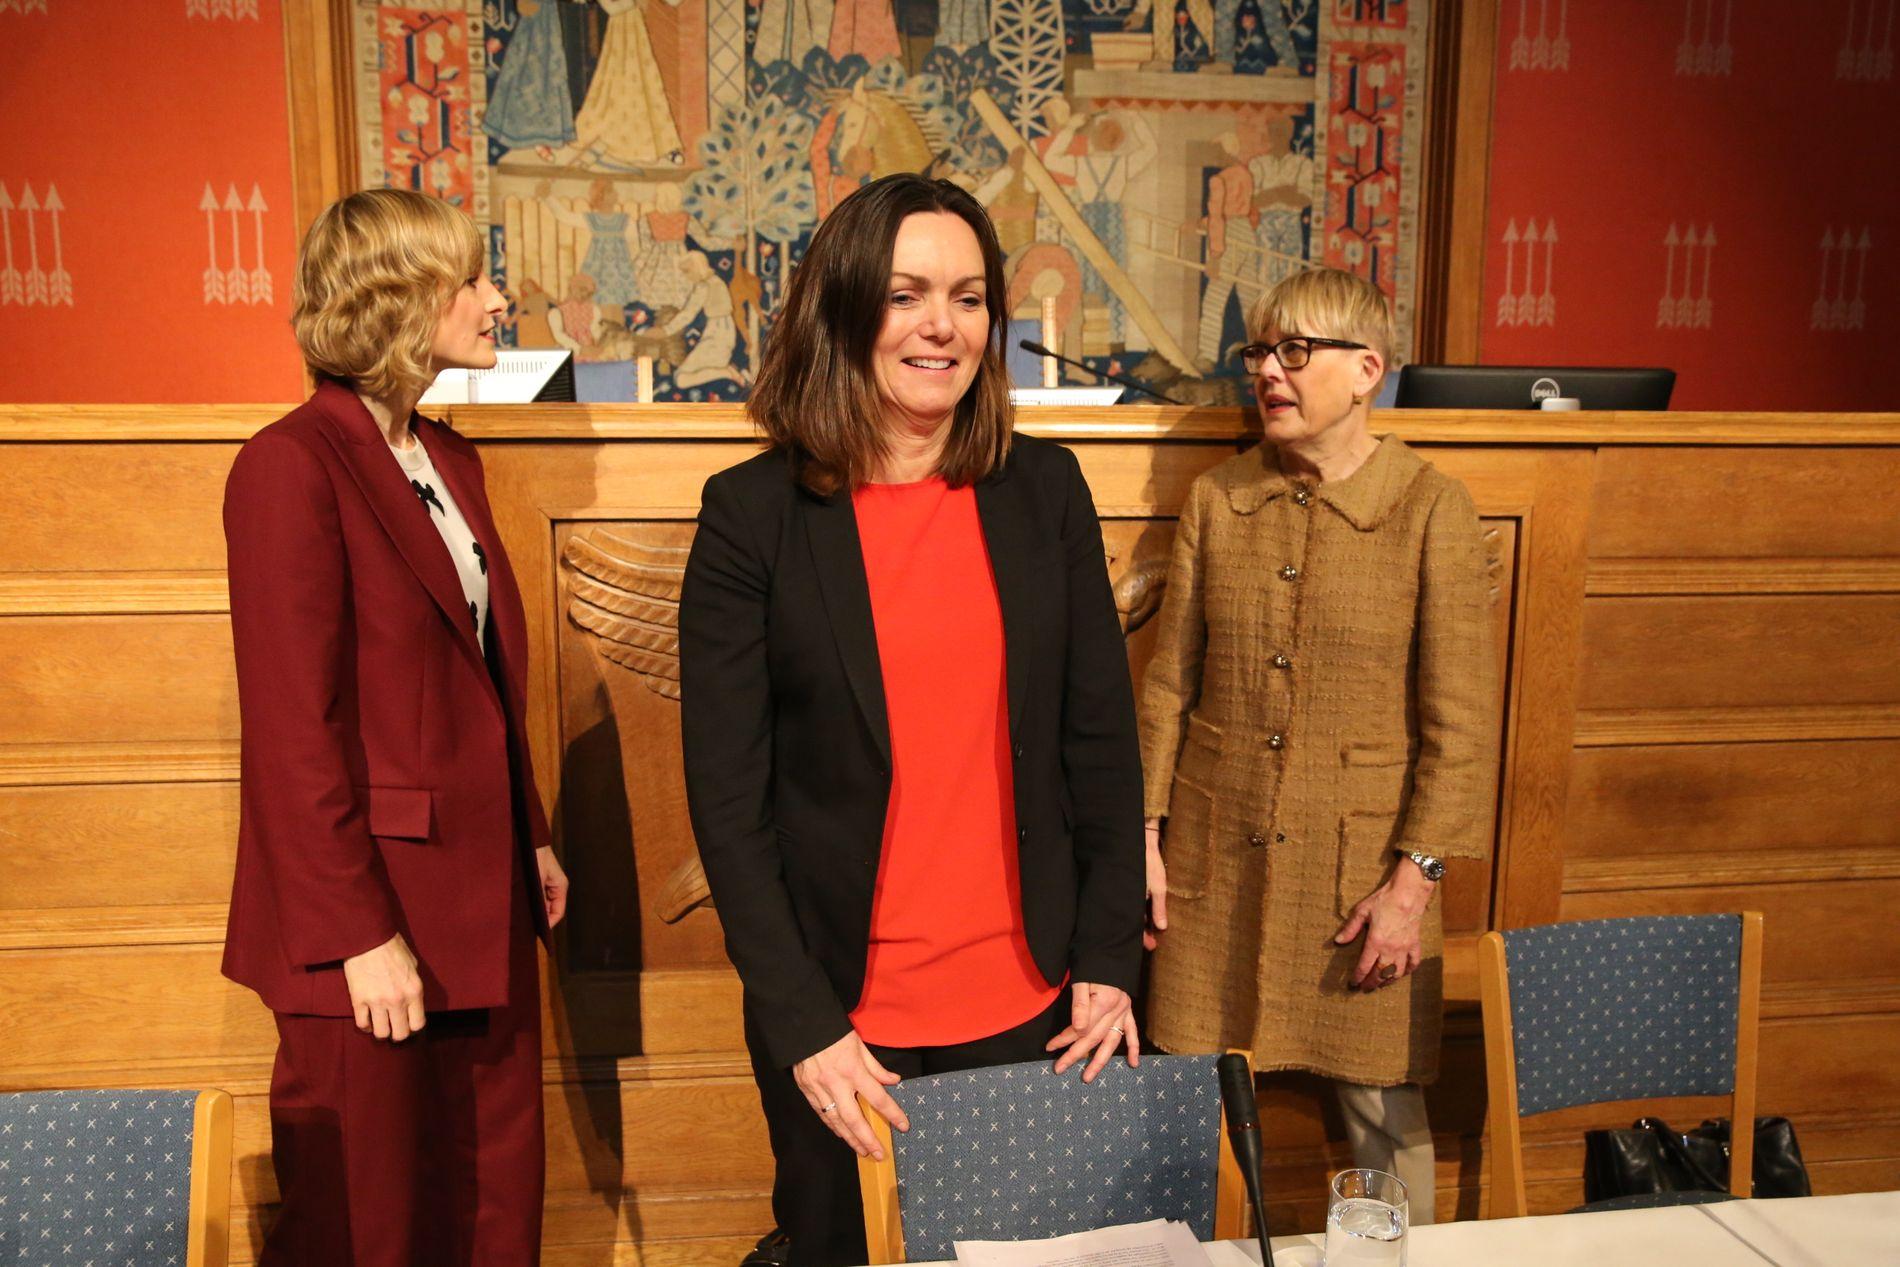 SAMARBEIDSPROBLEMER: Det har over lang tid vært samarbeidsproblemer mellom tidligere skolesjef Astrid Søgnen (t.h.) og skolebyråd Inga Marte Thorkildsen (t.v.). I midten står Søgnens etterkommer, Kari Andreassen.